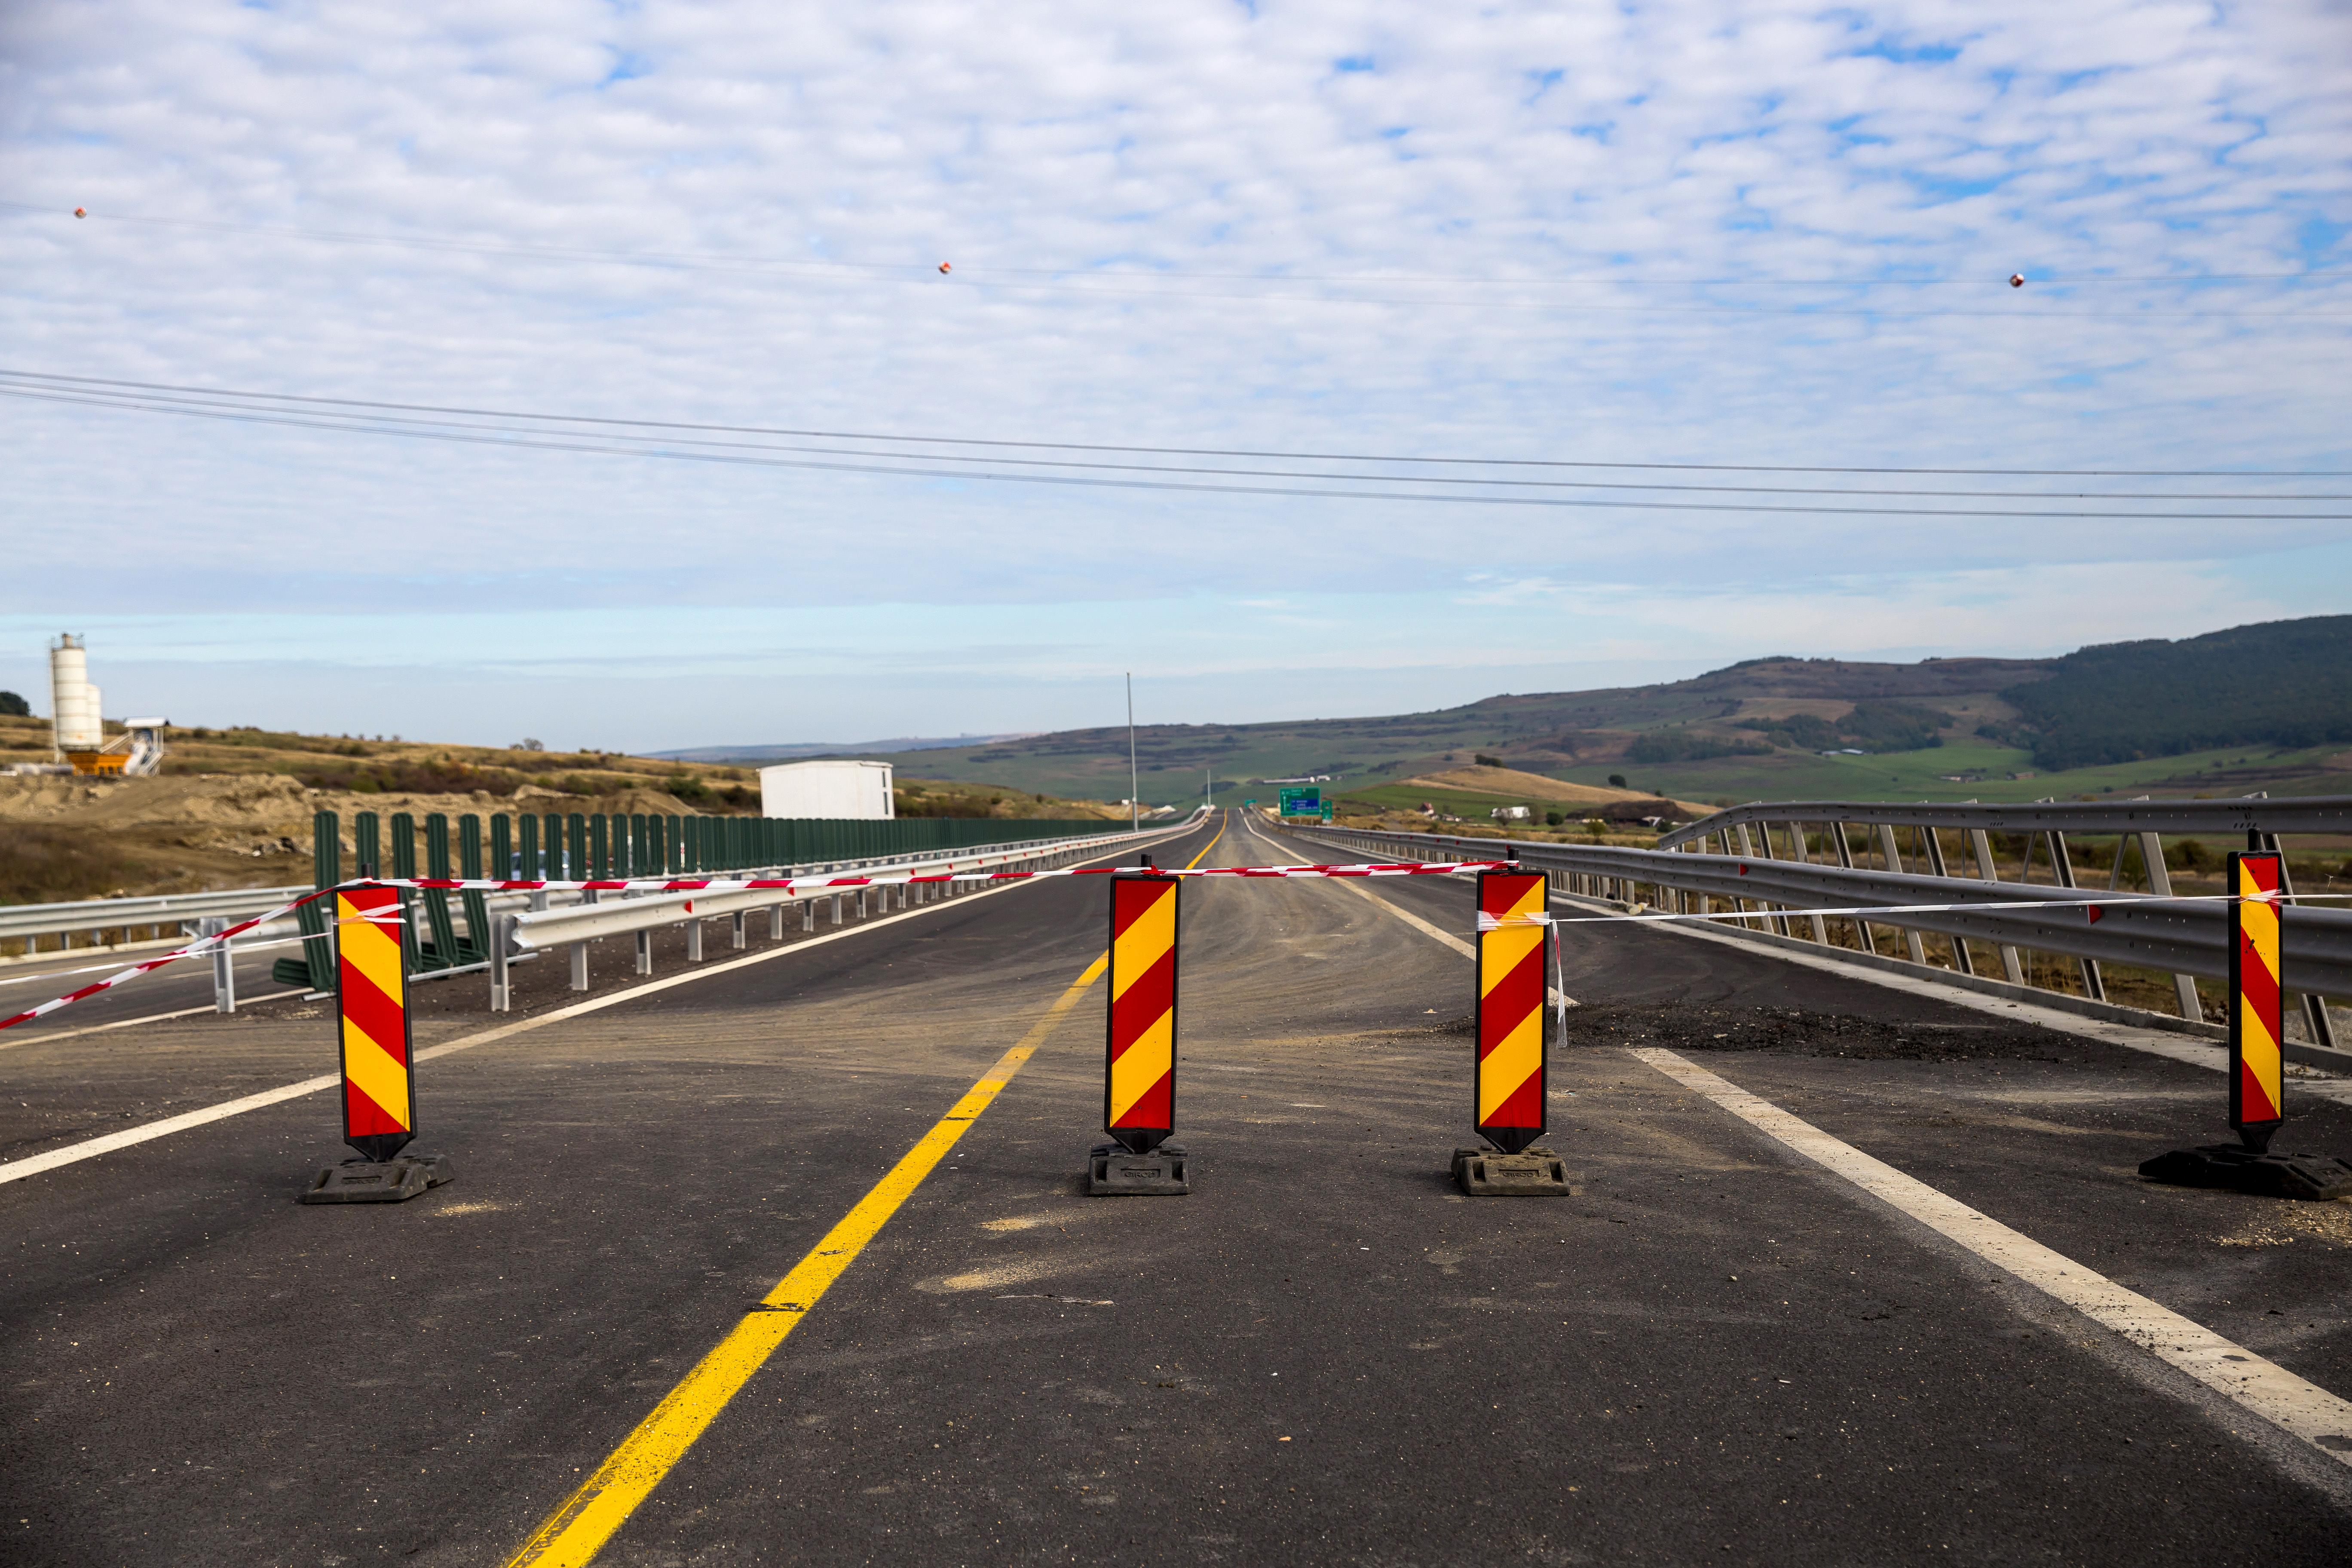 Probleme GRAVE pe Autostrada 1: Drum cu fisuri, crăpături şi denivelări pe o lungime de 70 de m